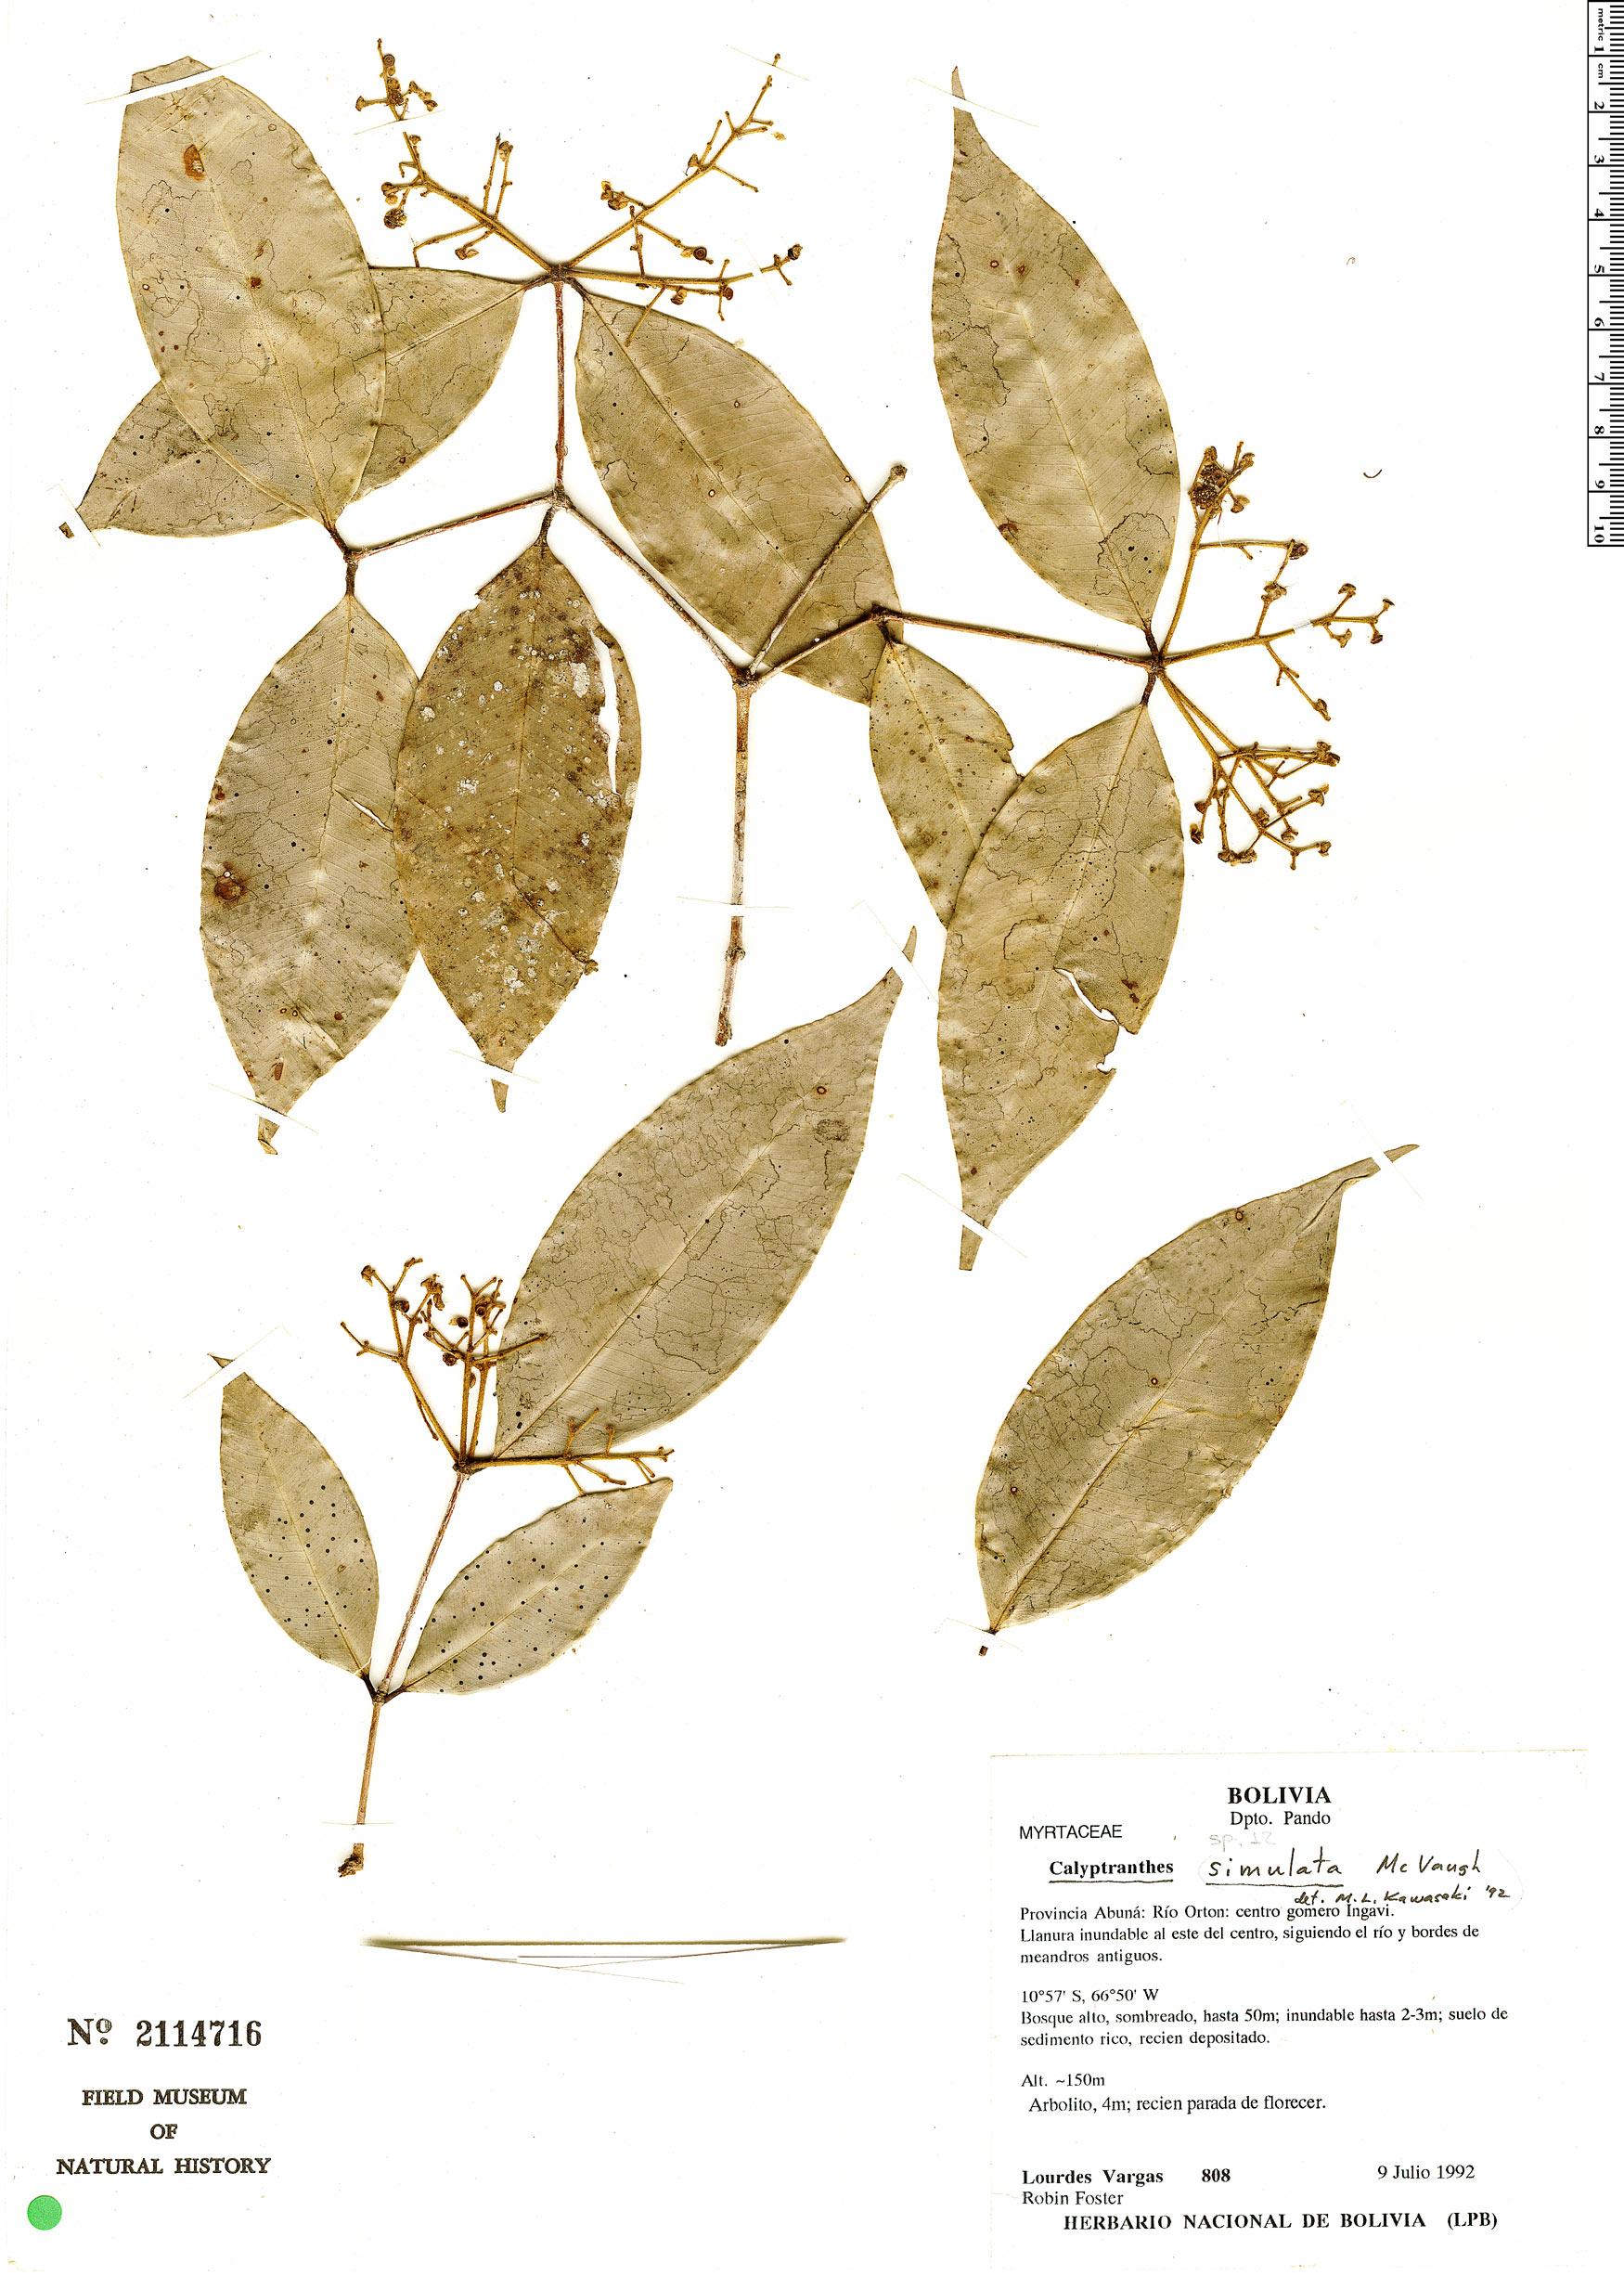 Specimen: Calyptranthes simulata